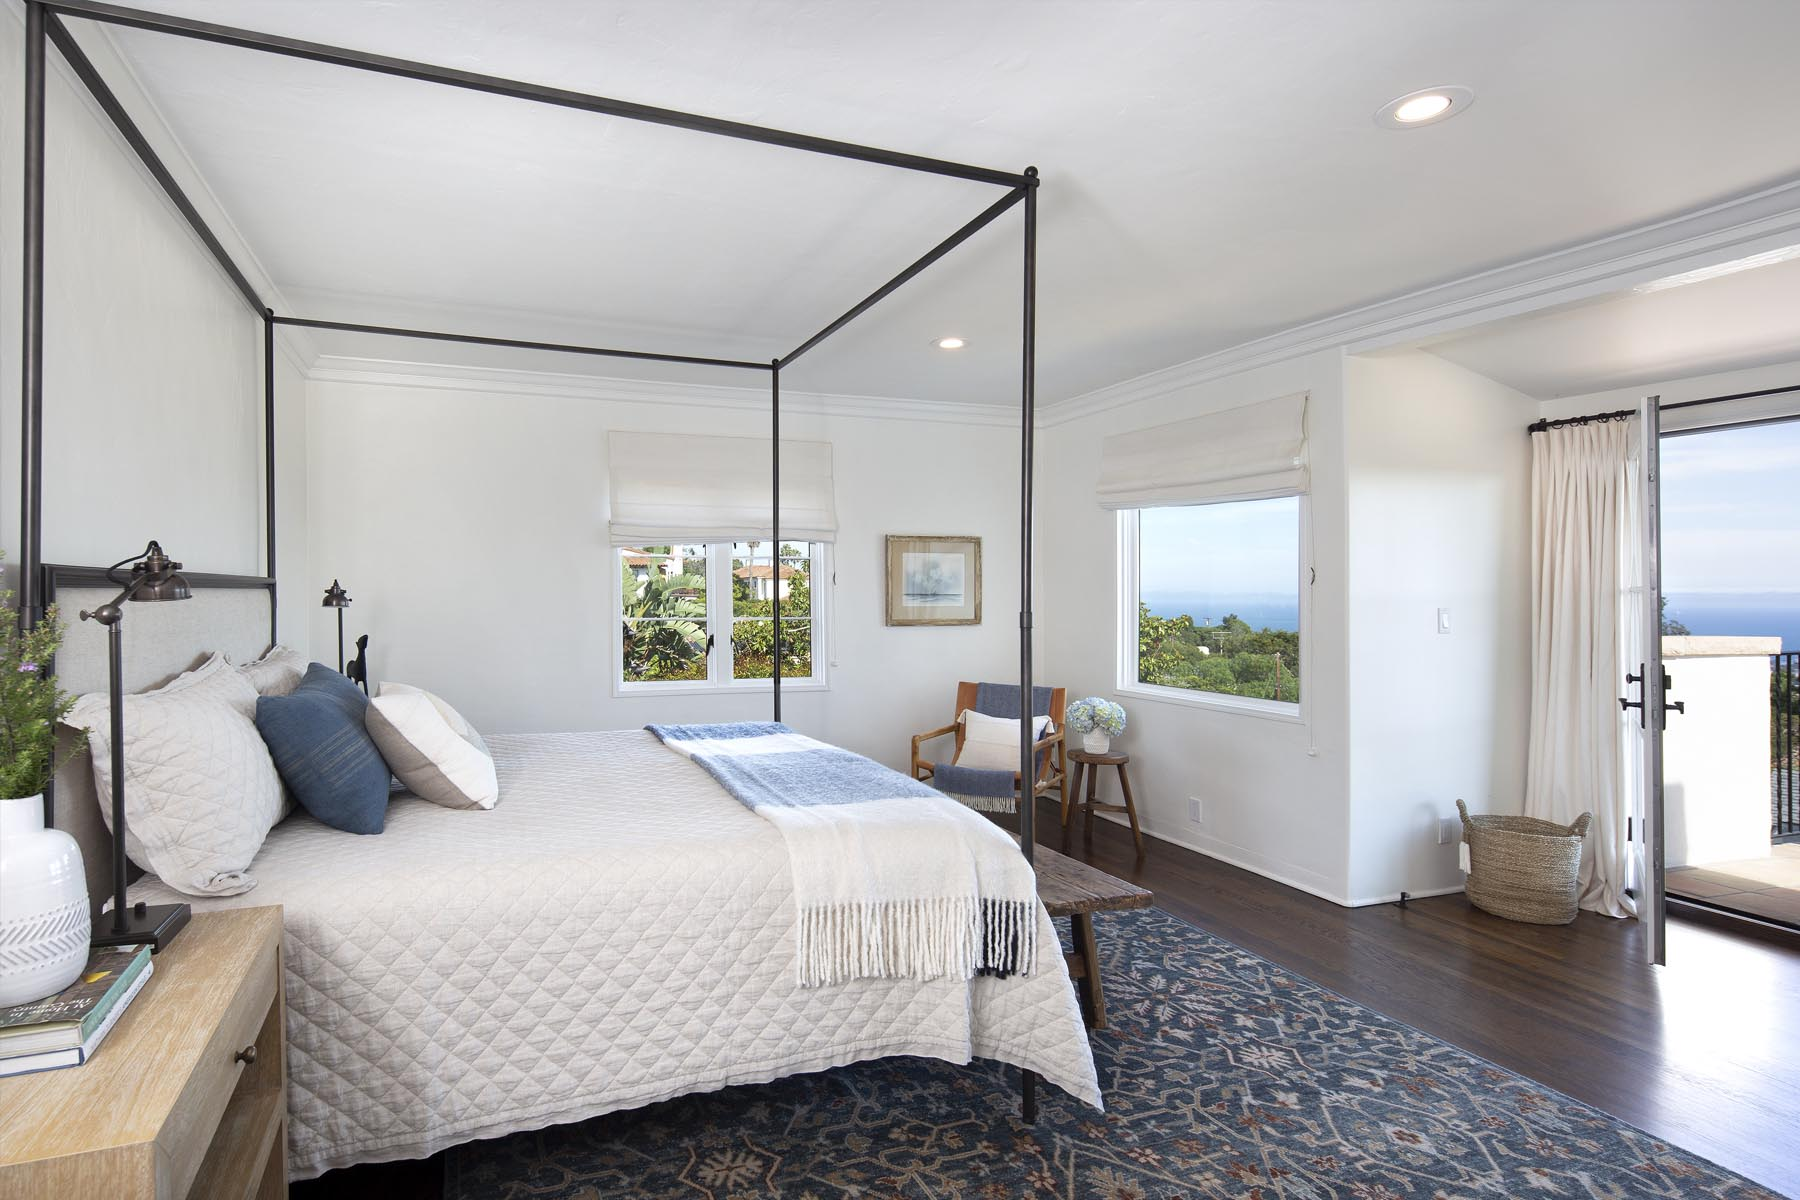 Bird master bedroom